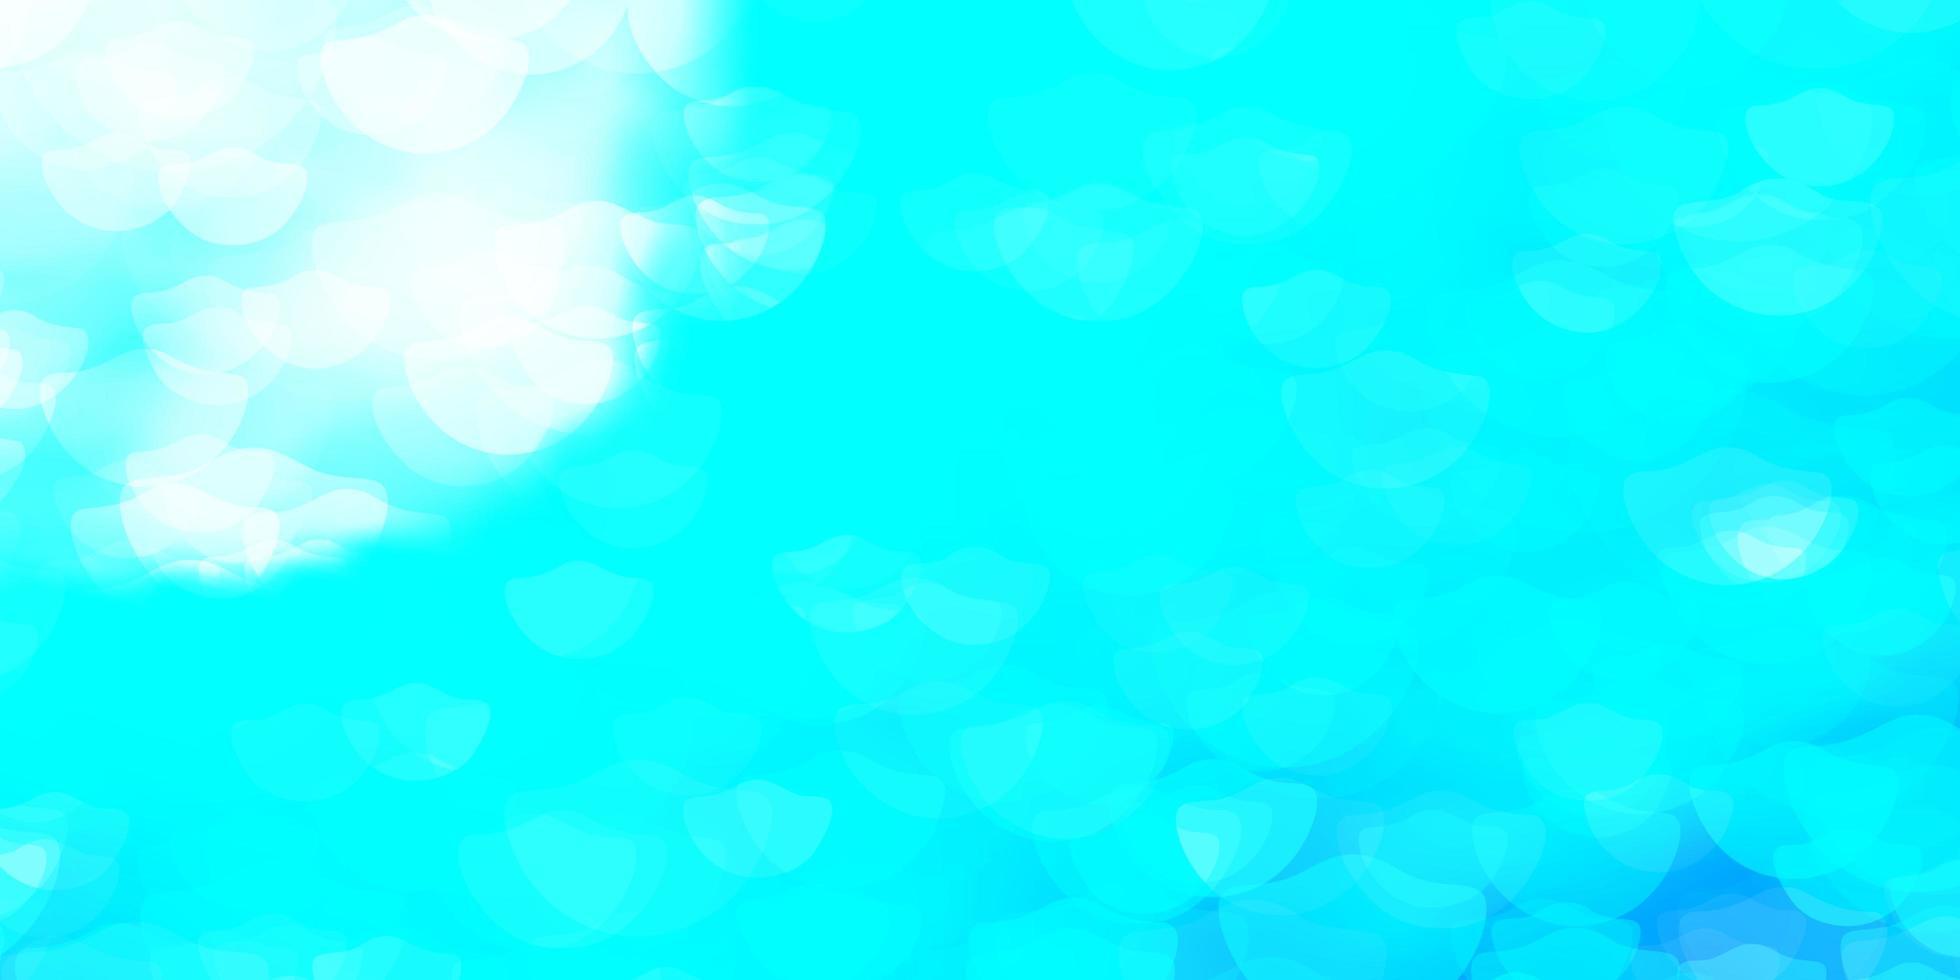 modello vettoriale azzurro con sfere.